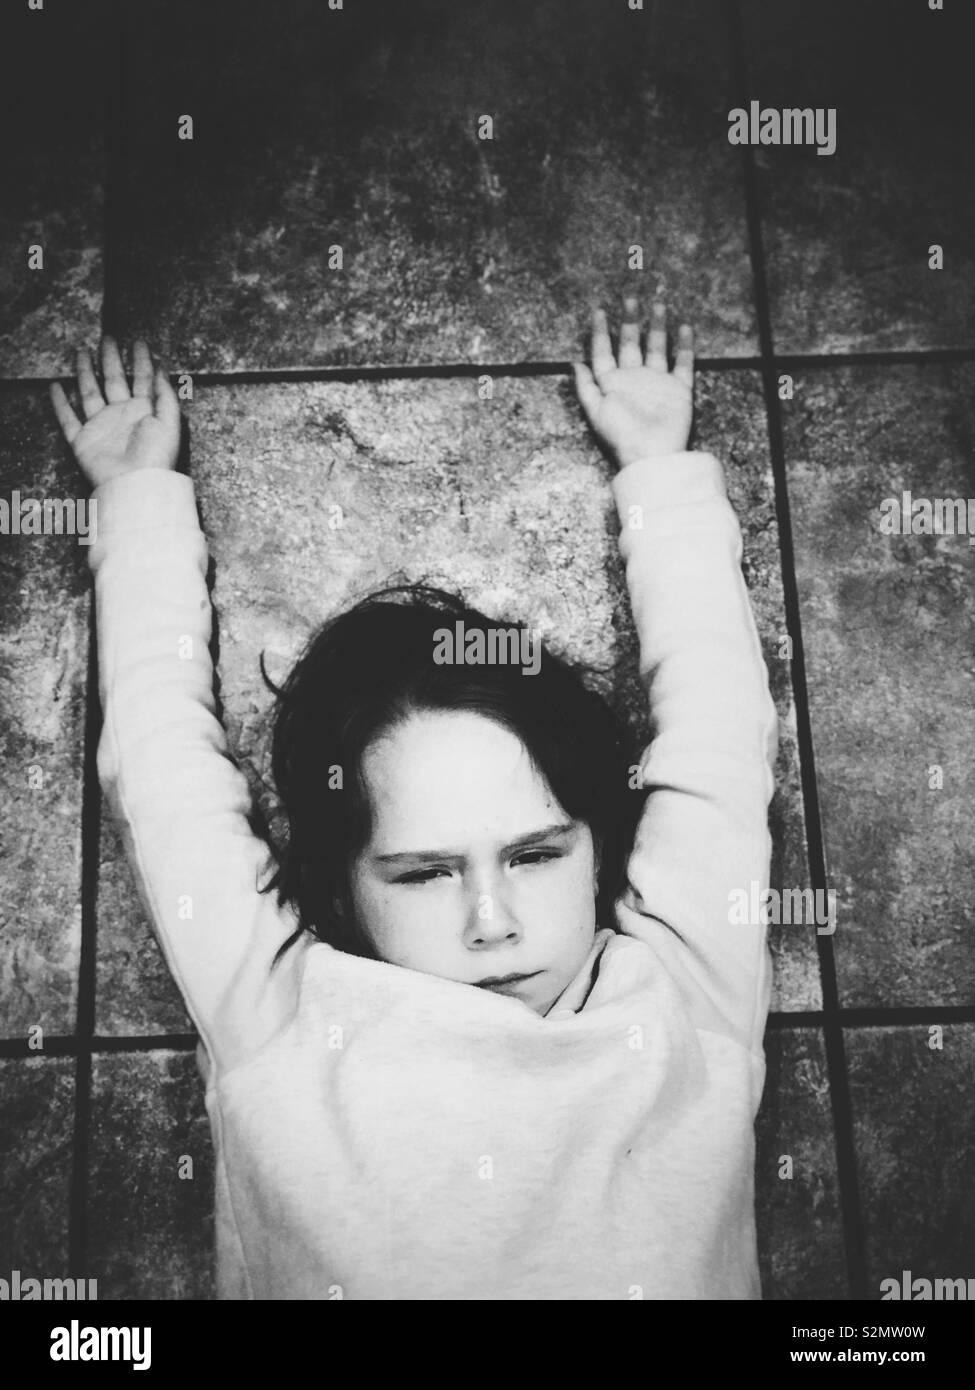 Enojado joven acostado en el piso de mosaico con brazos arriba Foto de stock